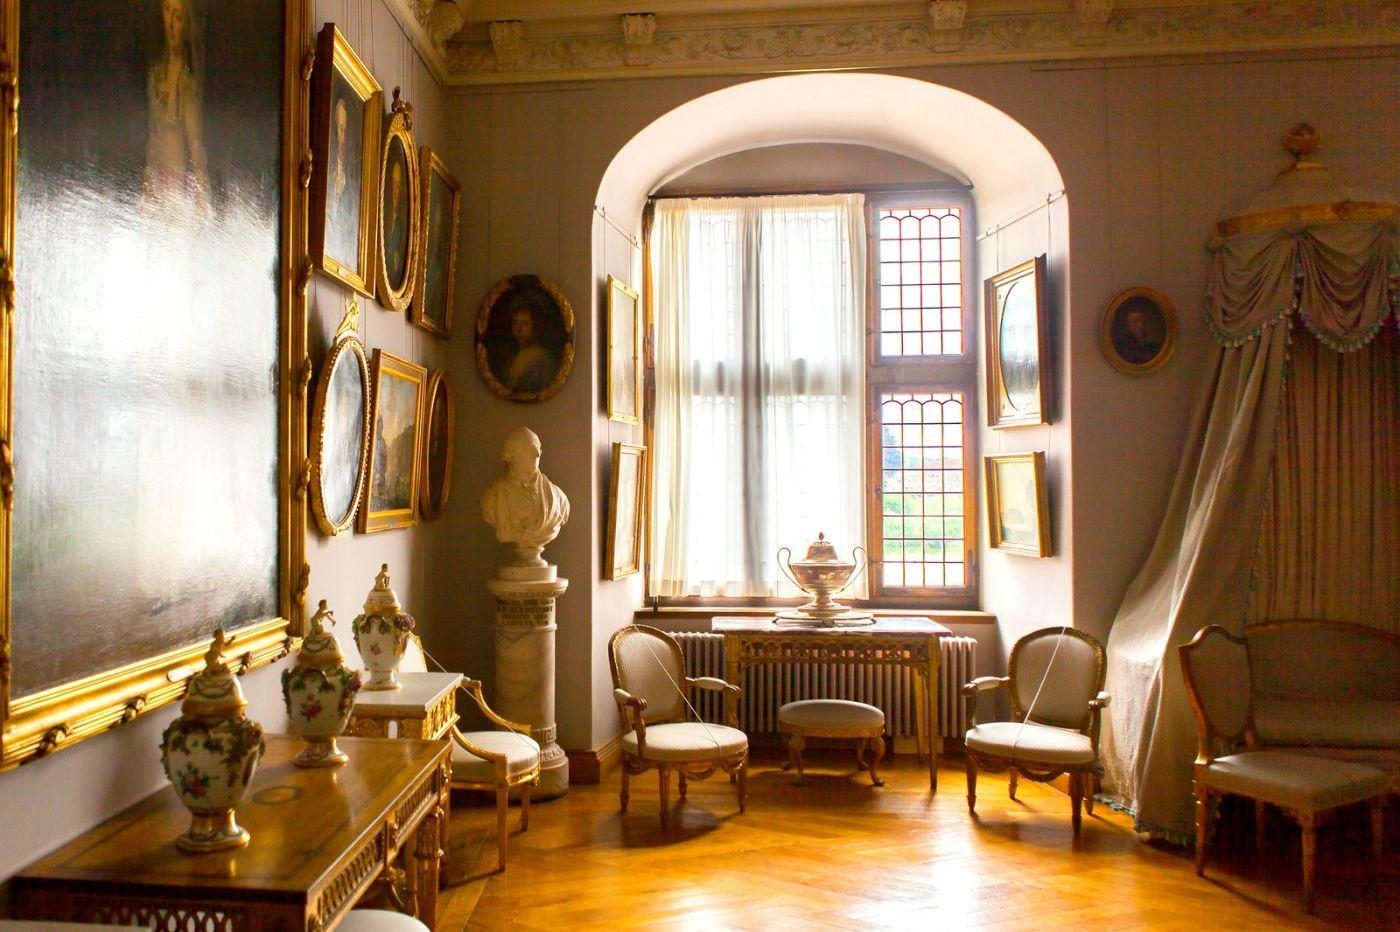 丹麦腓特烈堡城堡,金碧辉煌的大厅_图1-9